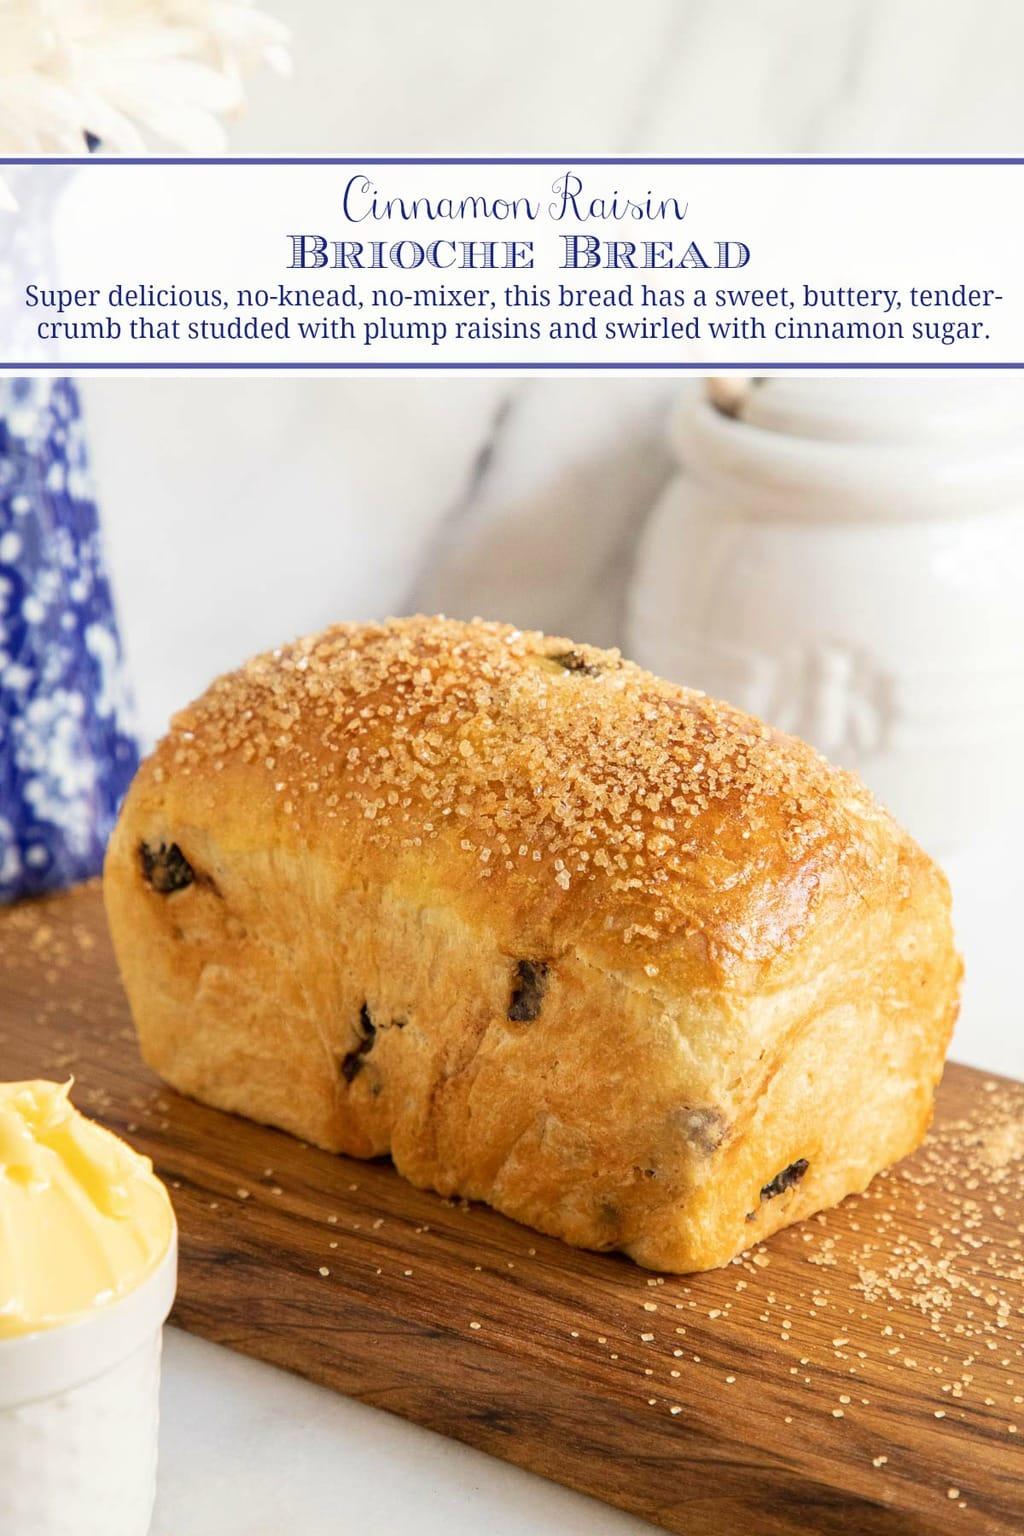 No-Knead Cinnamon Raisin Brioche Bread